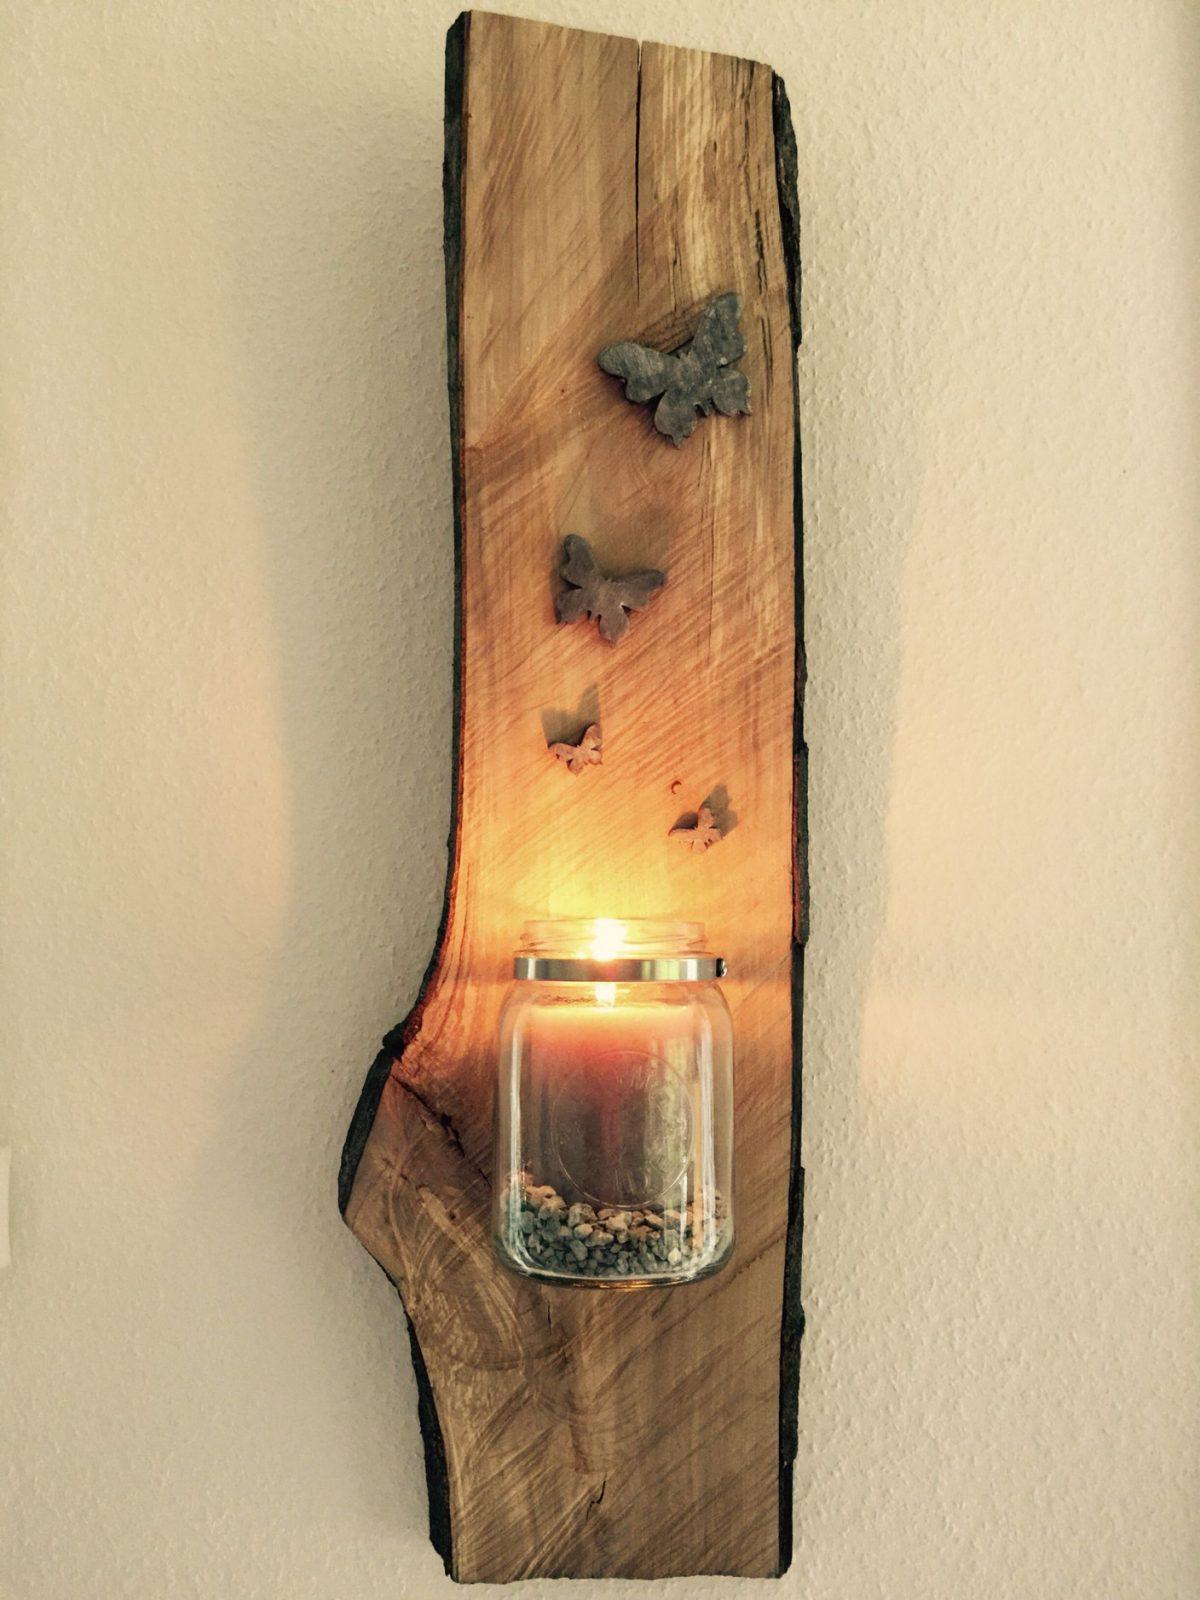 Einmachglas Auf Holz  Holz  Deko Holz Holz Und von Holz Dekoration Wand Bild